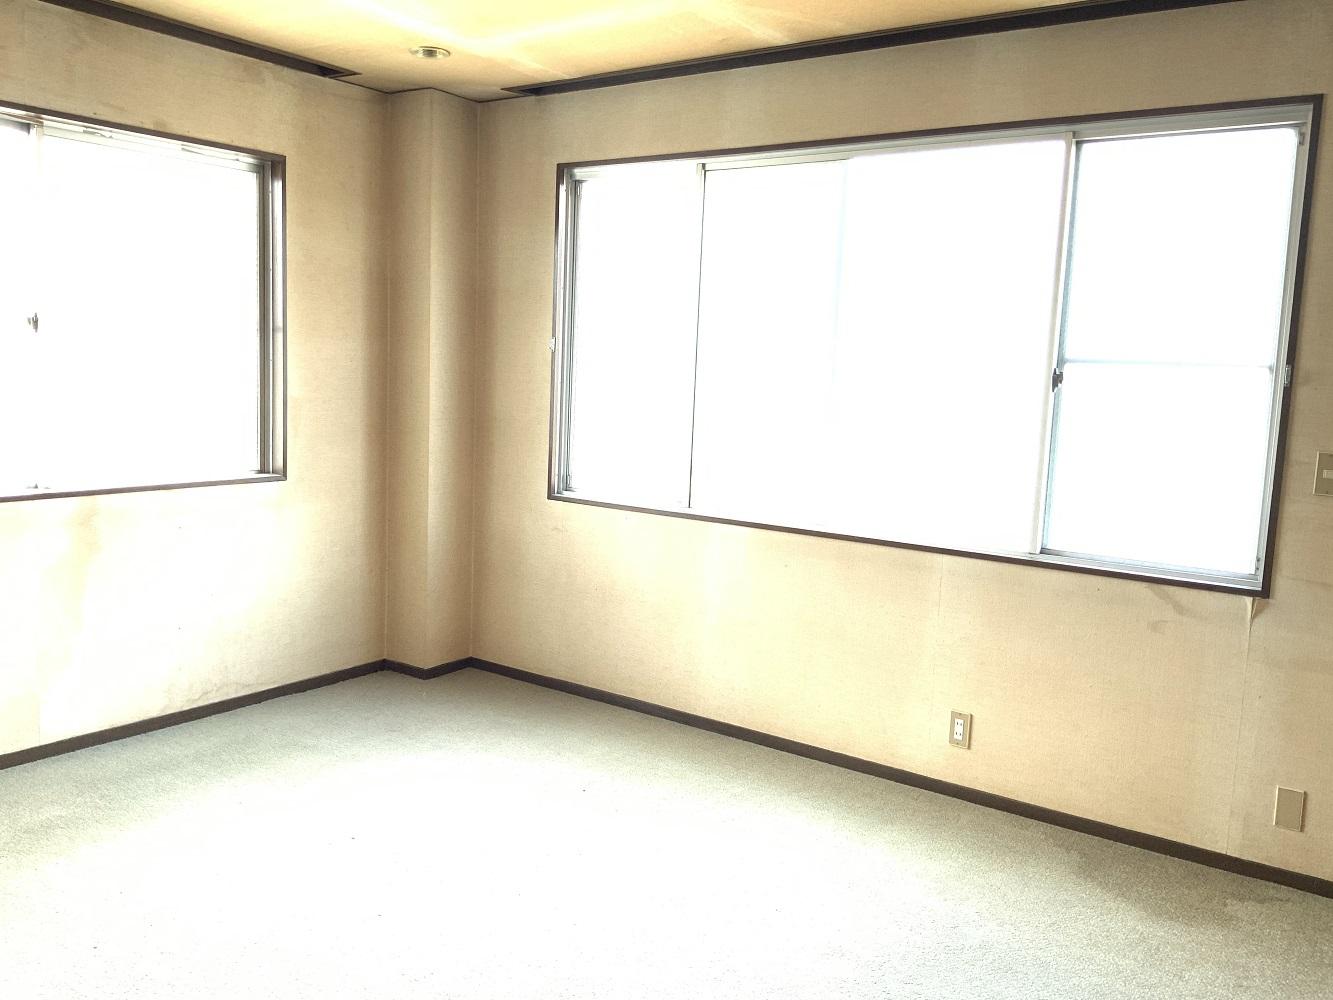 Leap8(リープエイト)宇都宮市大通りオフィス フリーデスク 302号室